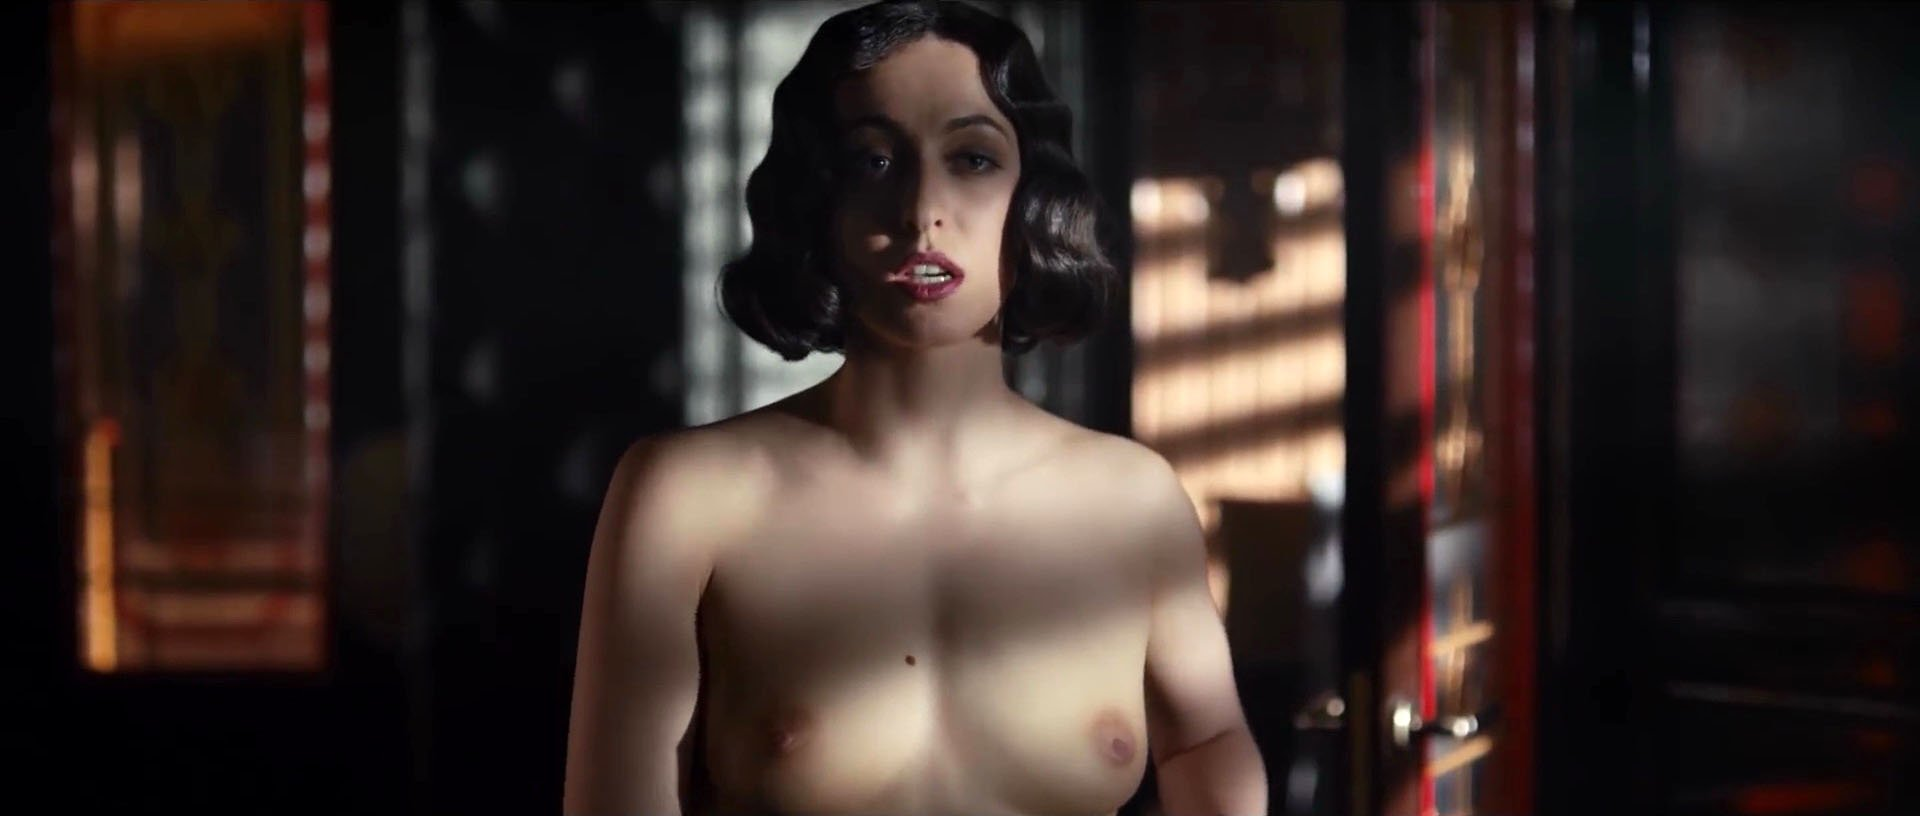 Nude Video Celebs  Anastasiya Meskova - Trotsky S01E01 -1424